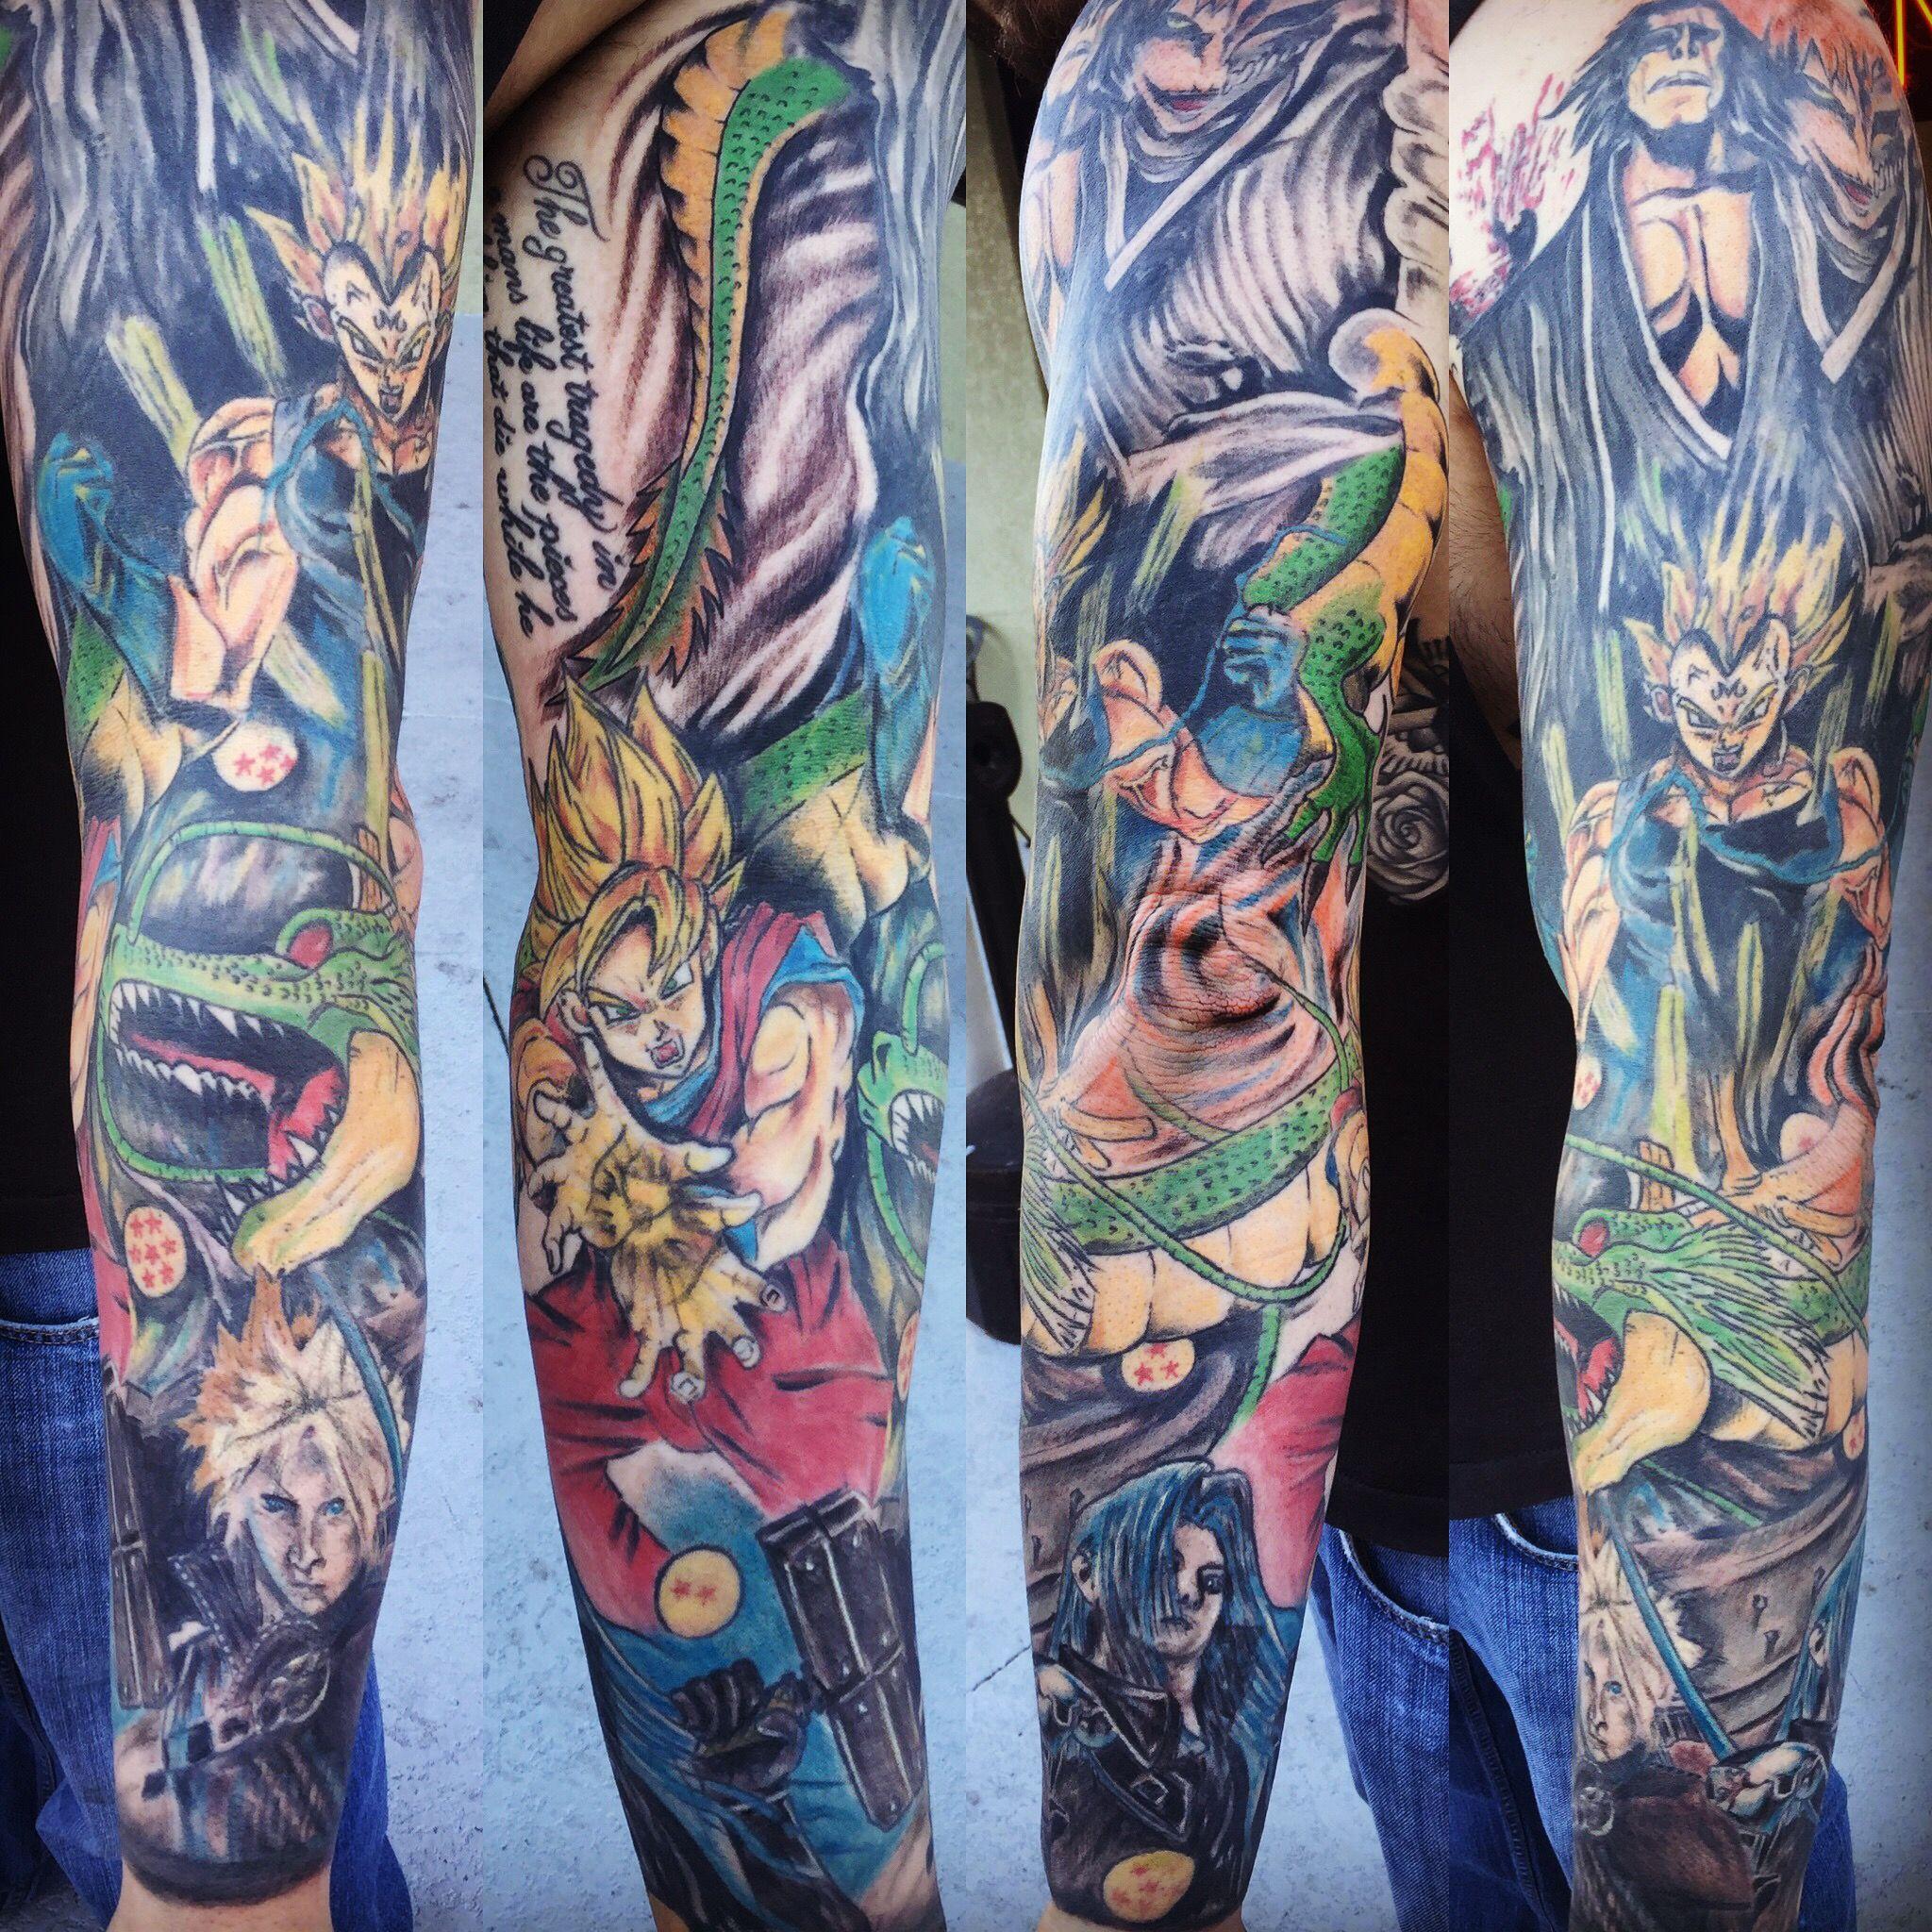 Multiple Tattoo Sleeve: Anime Sleeve By Jac Bryan #animesleeve #sleevetattoos